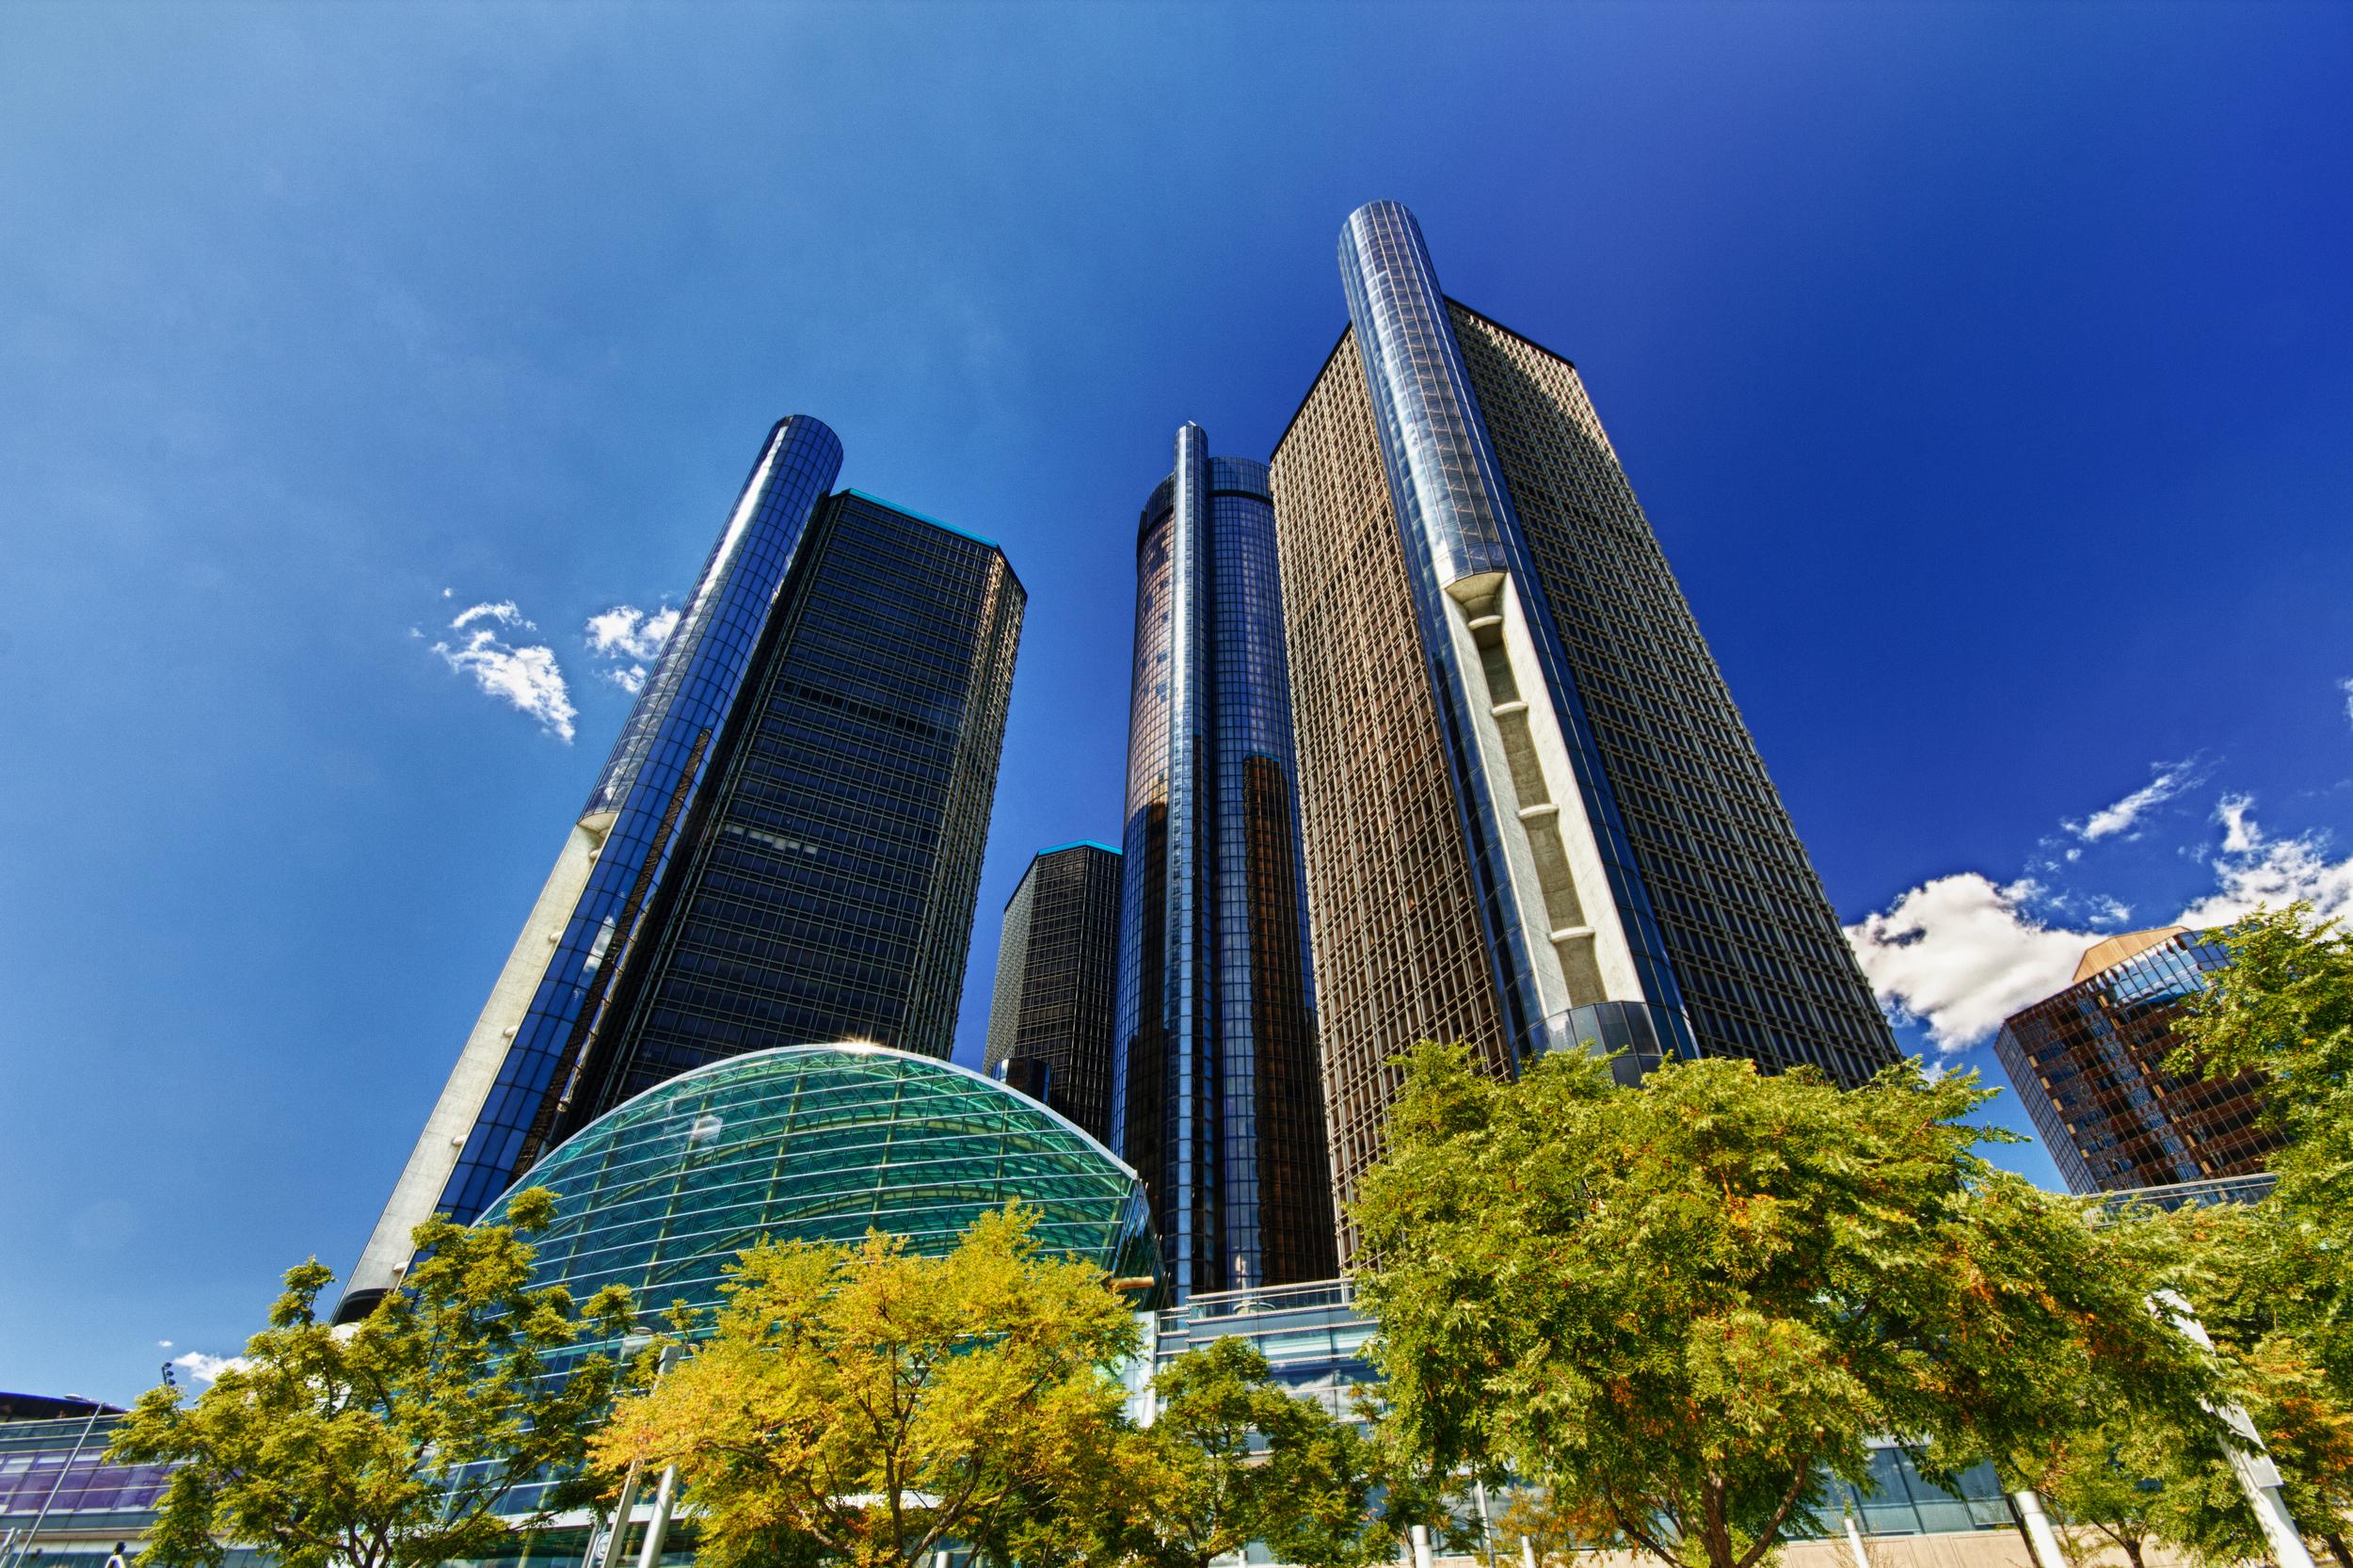 General Motors Renaissance Center